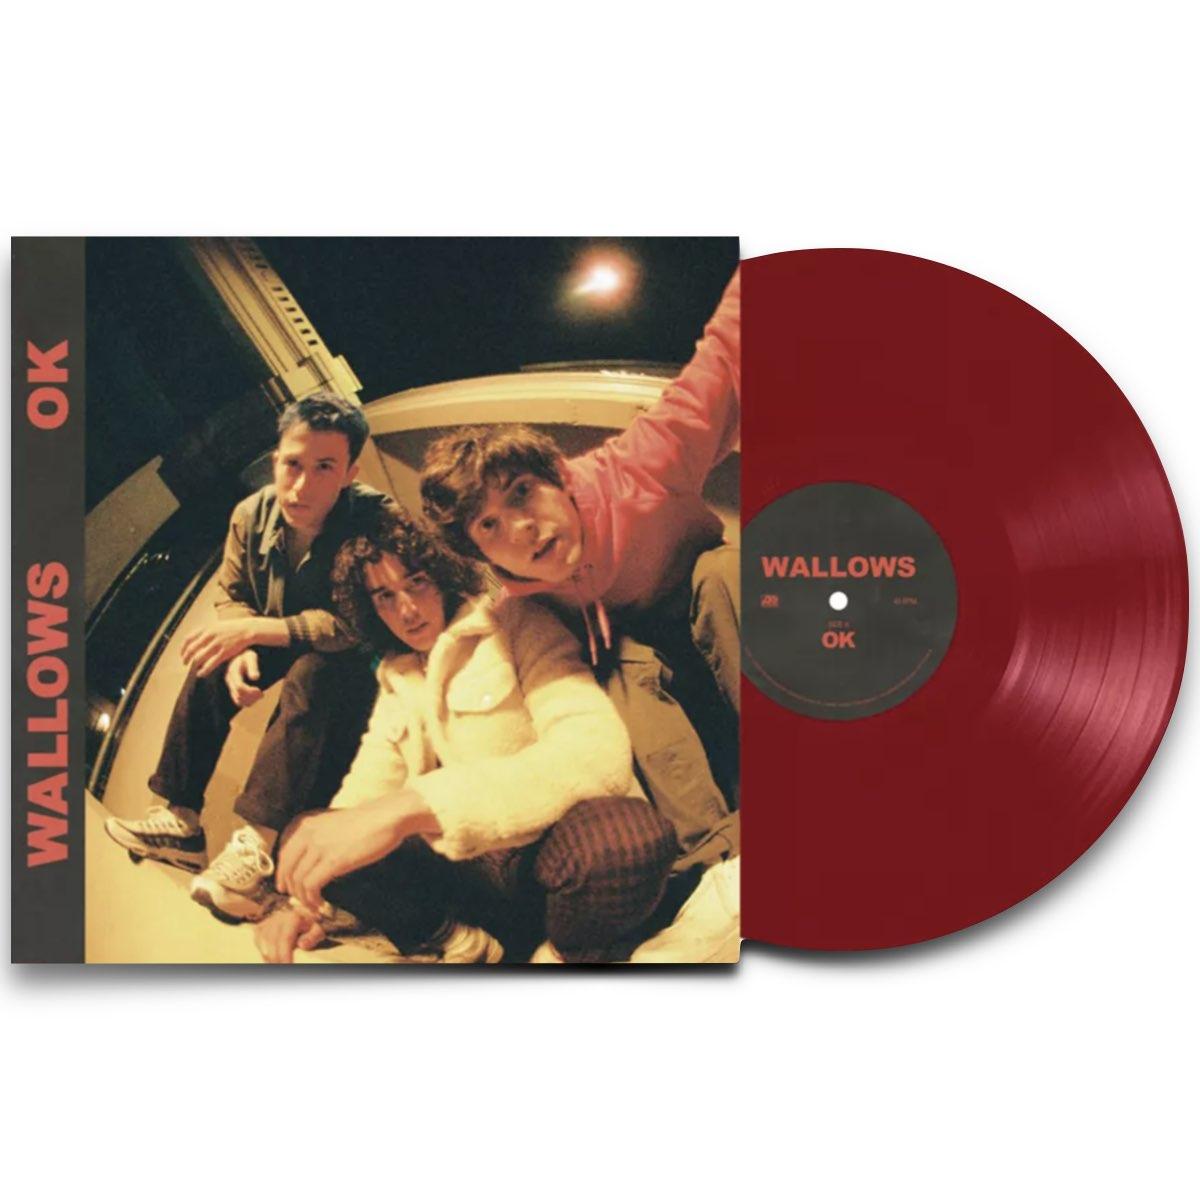 Wallows - OK [Limited Vinyl Single]